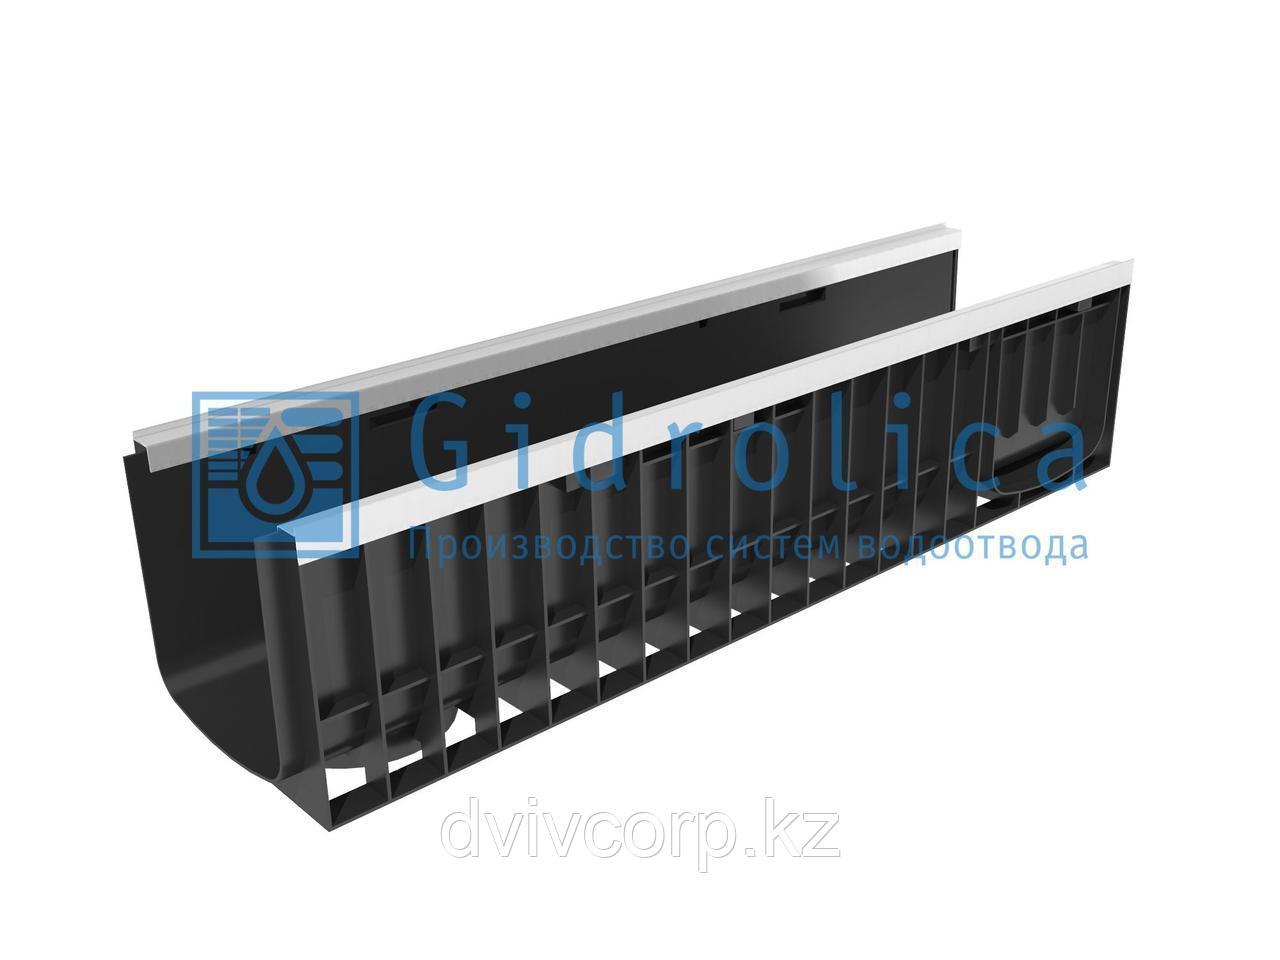 Арт. 8224 Лоток водоотводный Gidrolica Standart Plus ЛВ-20.24,6.23,5 - пластиковый (усиленный)